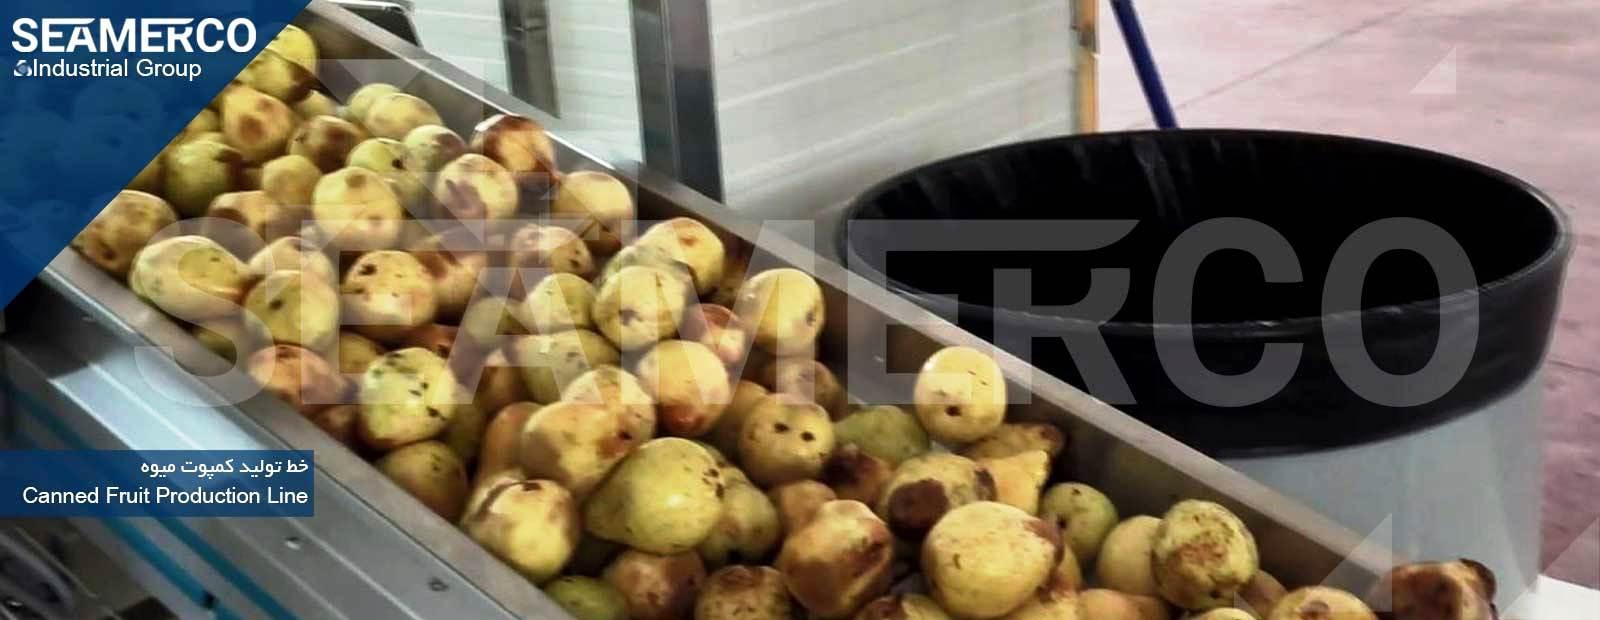 خط تولید کمپوت میوه